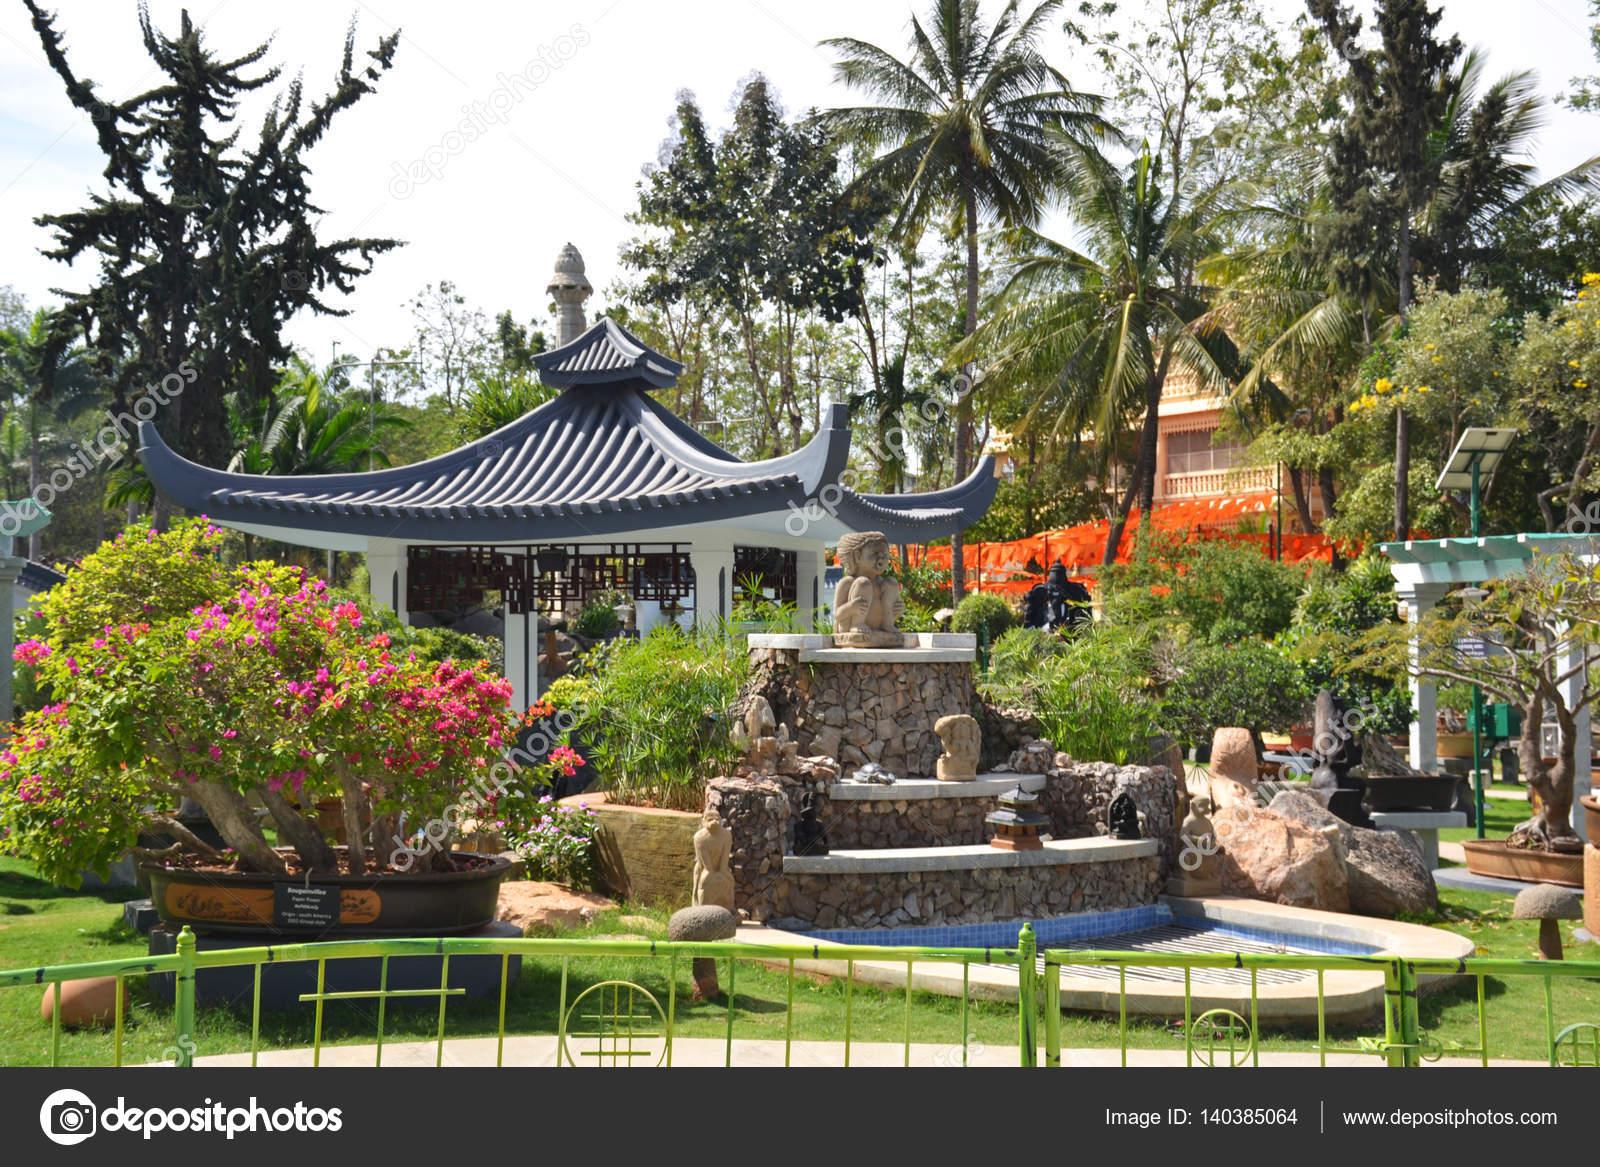 Asiatischer Garten In Indien Stockfoto C Arevhamb 140385064